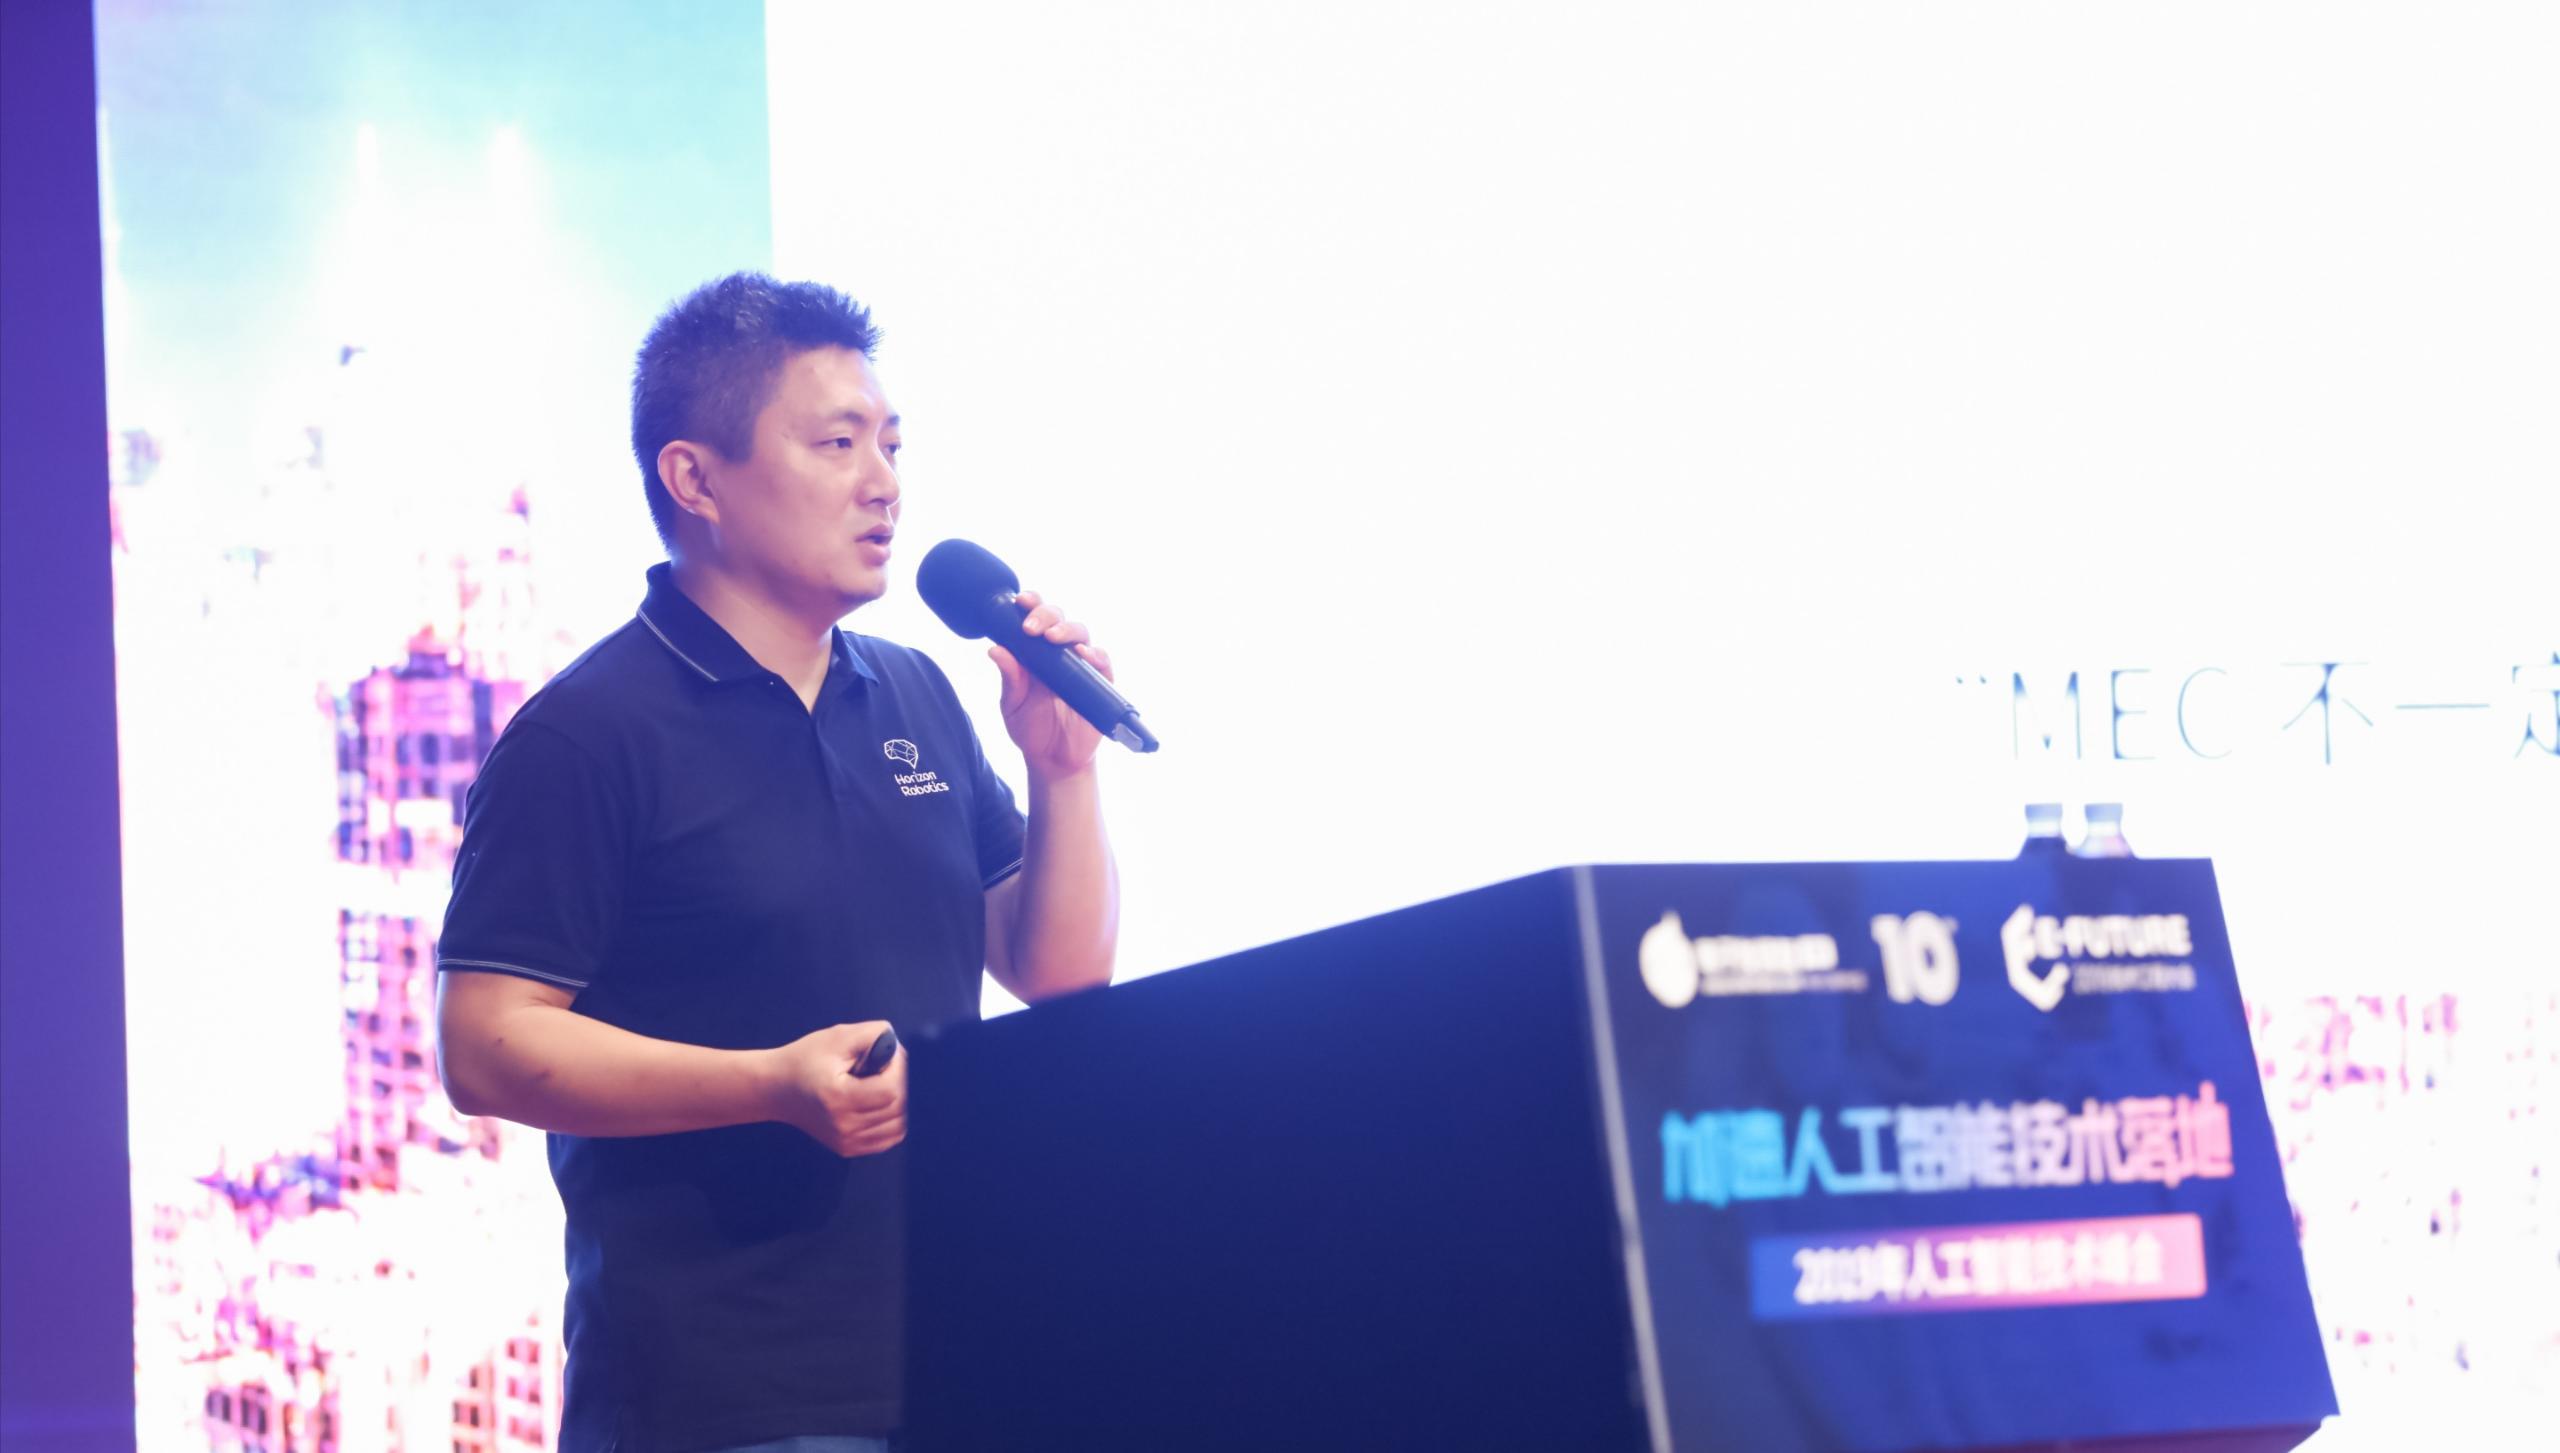 地平线智能芯片解决方案事业部总经理张永谦